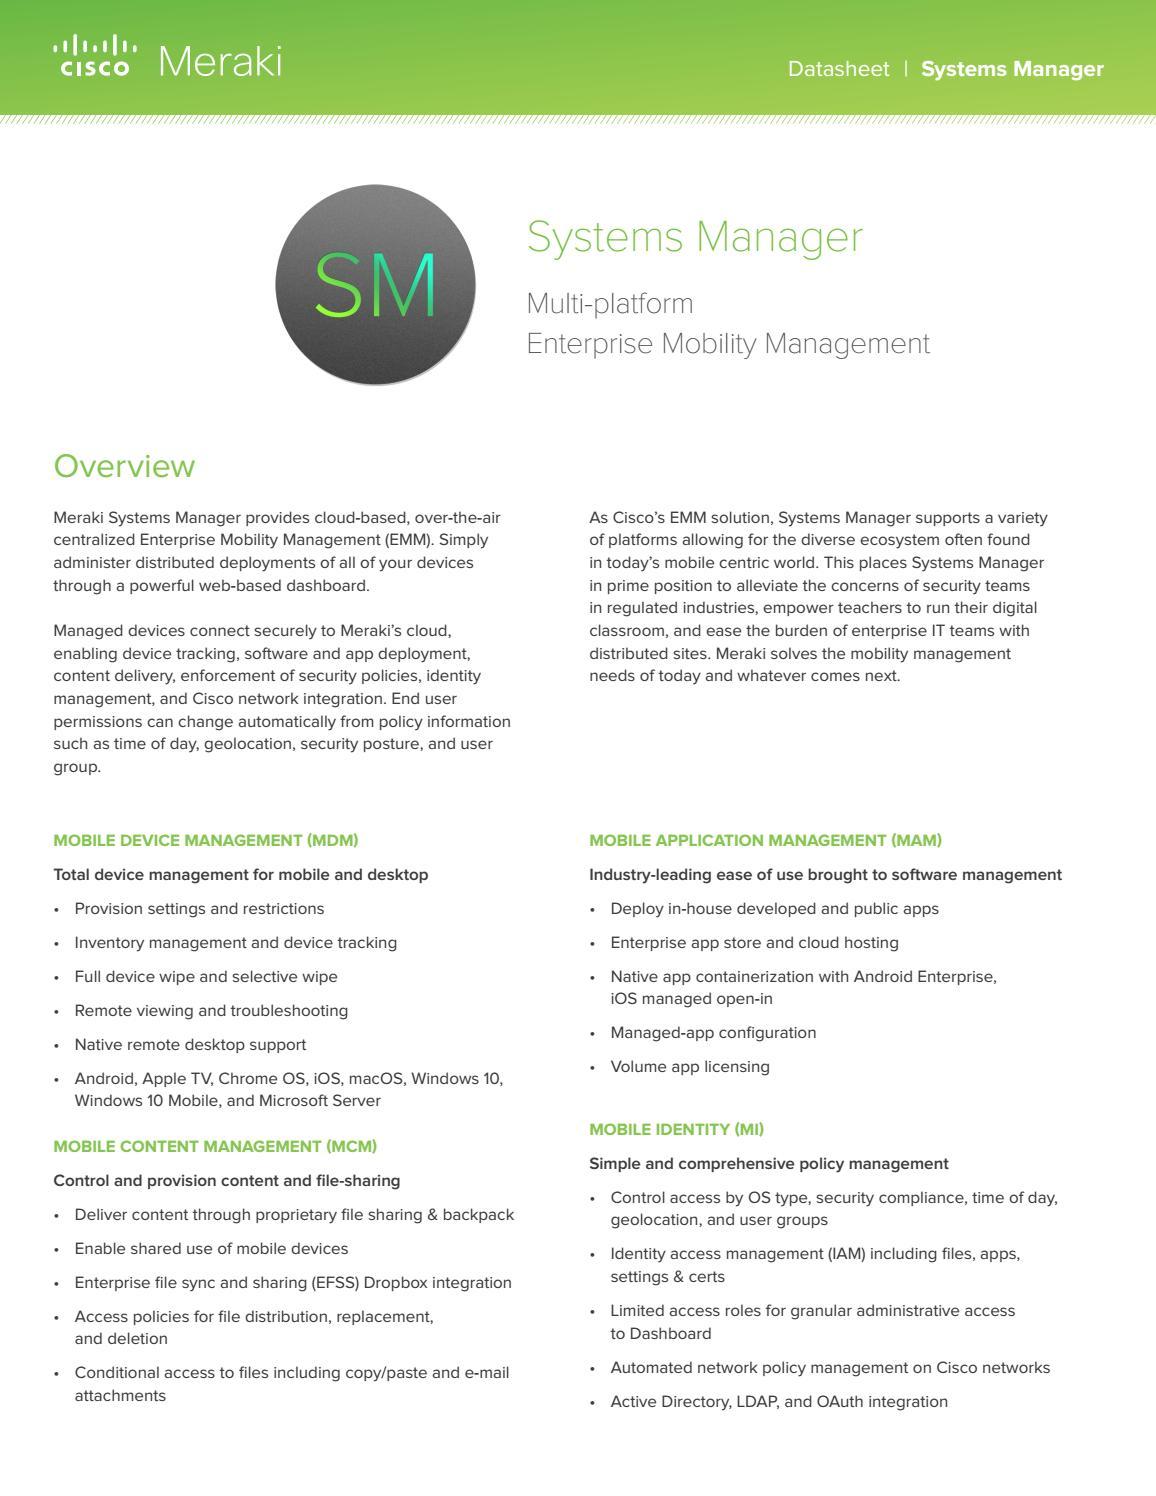 Meraki Datasheet by iStore SA - issuu